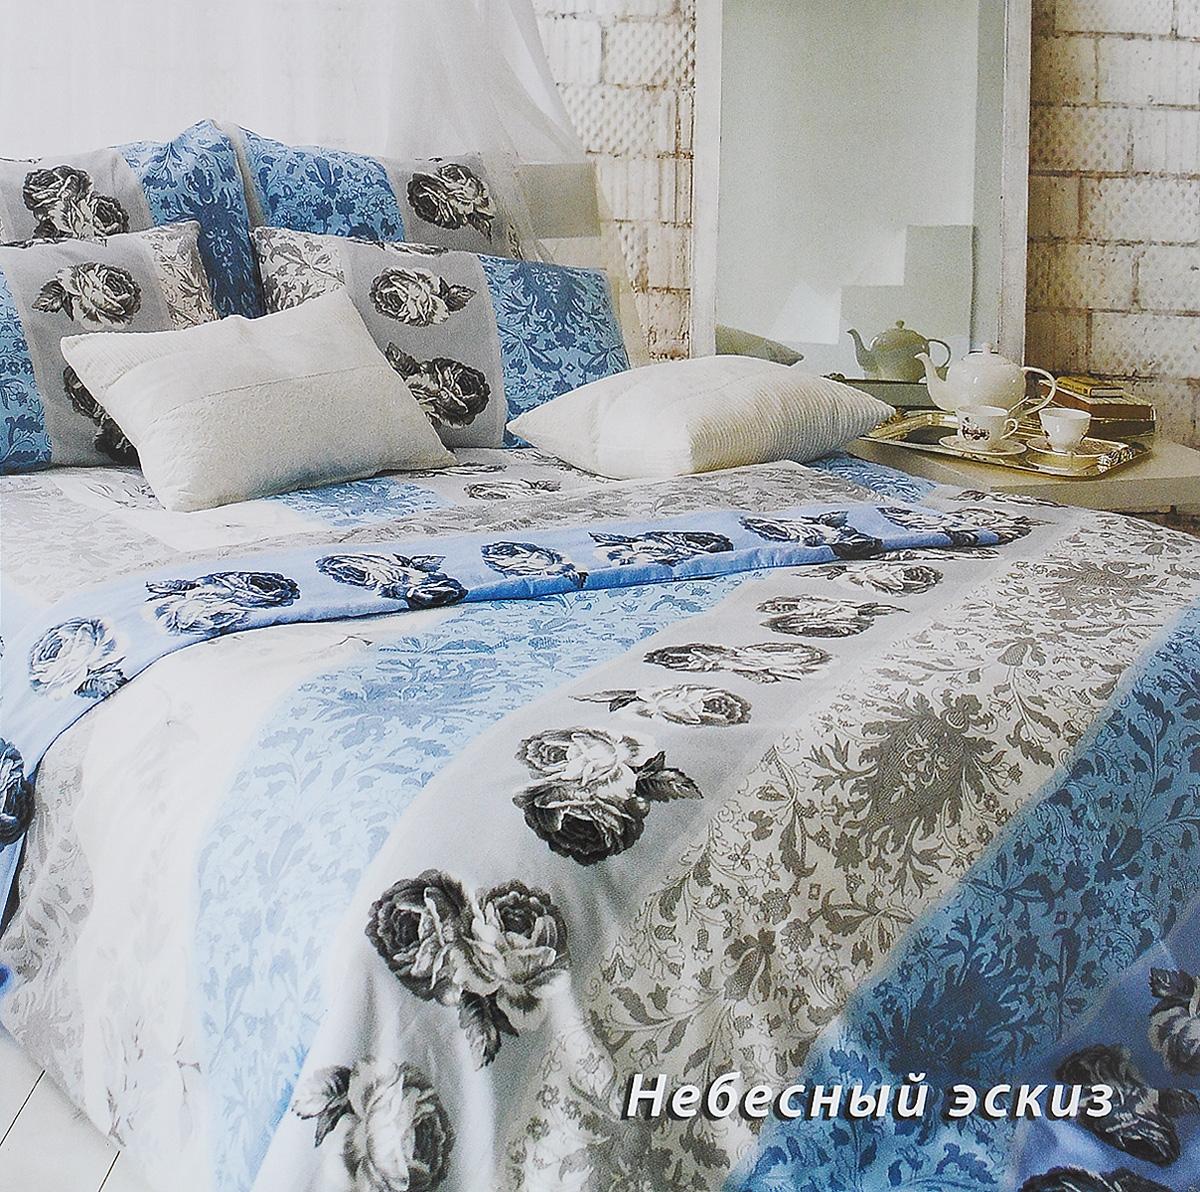 Комплект белья Tiffanys Secret Небесный эскиз, 1,5-спальный, наволочки 50х70, цвет: голубой, белый, серыйCA-3505Комплект постельного белья Tiffanys Secret Небесный эскиз является экологически безопасным для всей семьи, так как выполнен из сатина (100% хлопок). Комплект состоит из пододеяльника, простыни и двух наволочек. Предметы комплекта оформлены оригинальным рисунком.Благодаря такому комплекту постельного белья вы сможете создать атмосферу уюта и комфорта в вашей спальне.Сатин - это ткань, навсегда покорившая сердца человечества. Ценившие роскошь персы называли ее атлас, а искушенные в прекрасном французы - сатин. Секрет высококачественного сатина в безупречности всего технологического процесса. Эту благородную ткань делают только из отборной натуральной пряжи, которую получают из самого лучшего тонковолокнистого хлопка. Благодаря использованию самой тонкой хлопковой нити получается необычайно мягкое и нежное полотно. Сатиновое постельное белье превращает жаркие летние ночи в прохладные и освежающие, а холодные зимние - в теплые и согревающие. Сатин очень приятен на ощупь, постельное белье из него долговечно, выдерживает более 300 стирок, и лишь спустя долгое время материал начинает немного тускнеть. Оцените все достоинства постельного белья из сатина, выбирая самое лучшее для себя!